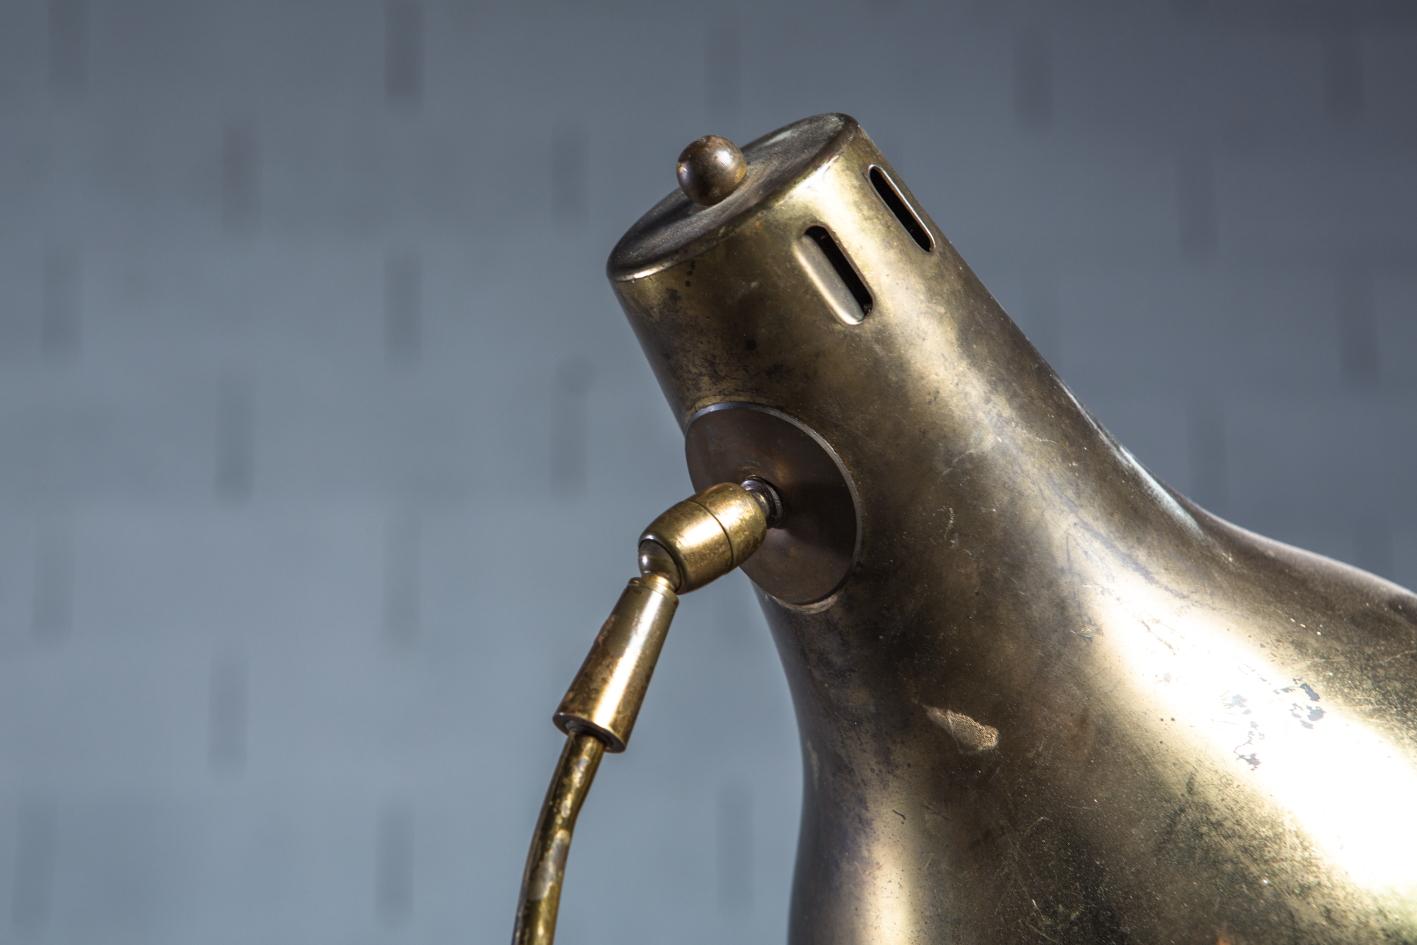 Brass 1950s Italian extendable floor lamp - Detail